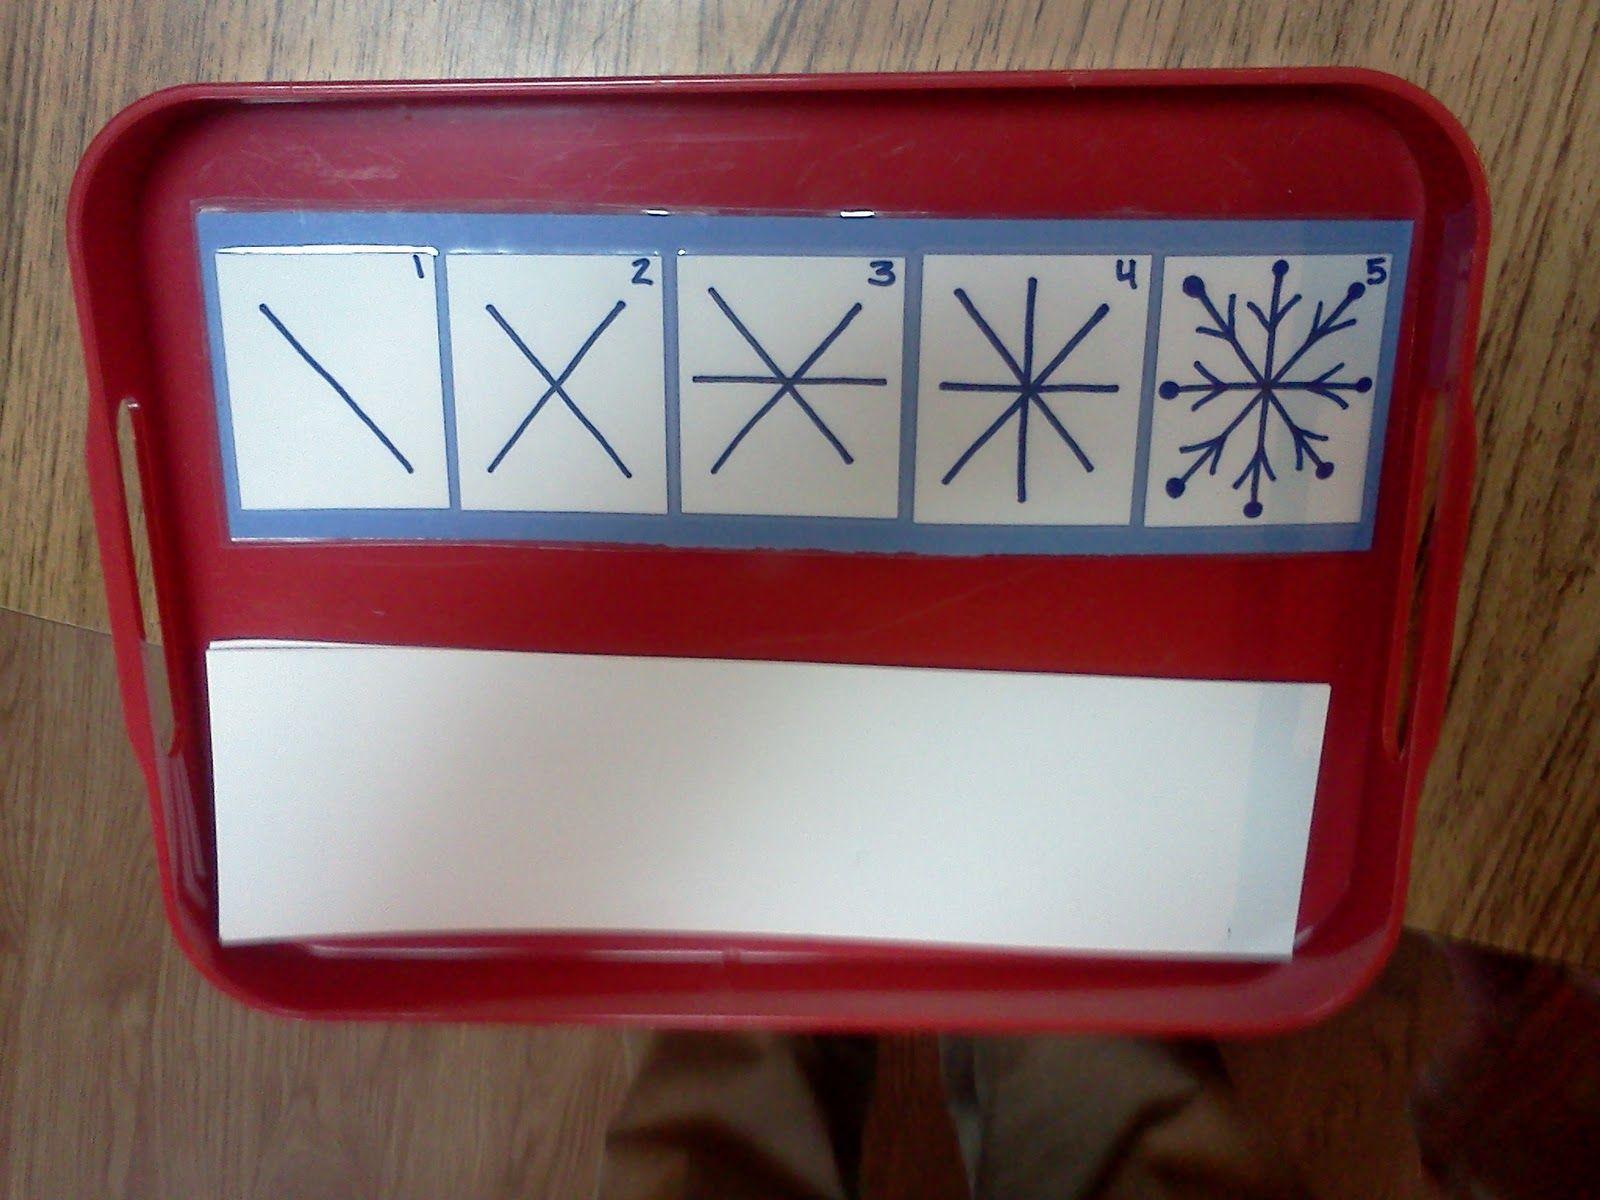 Tapes pour dessiner un flocon motricit fine graphisme hiver pr scolaire flocons de - Dessiner un flocon de neige ...